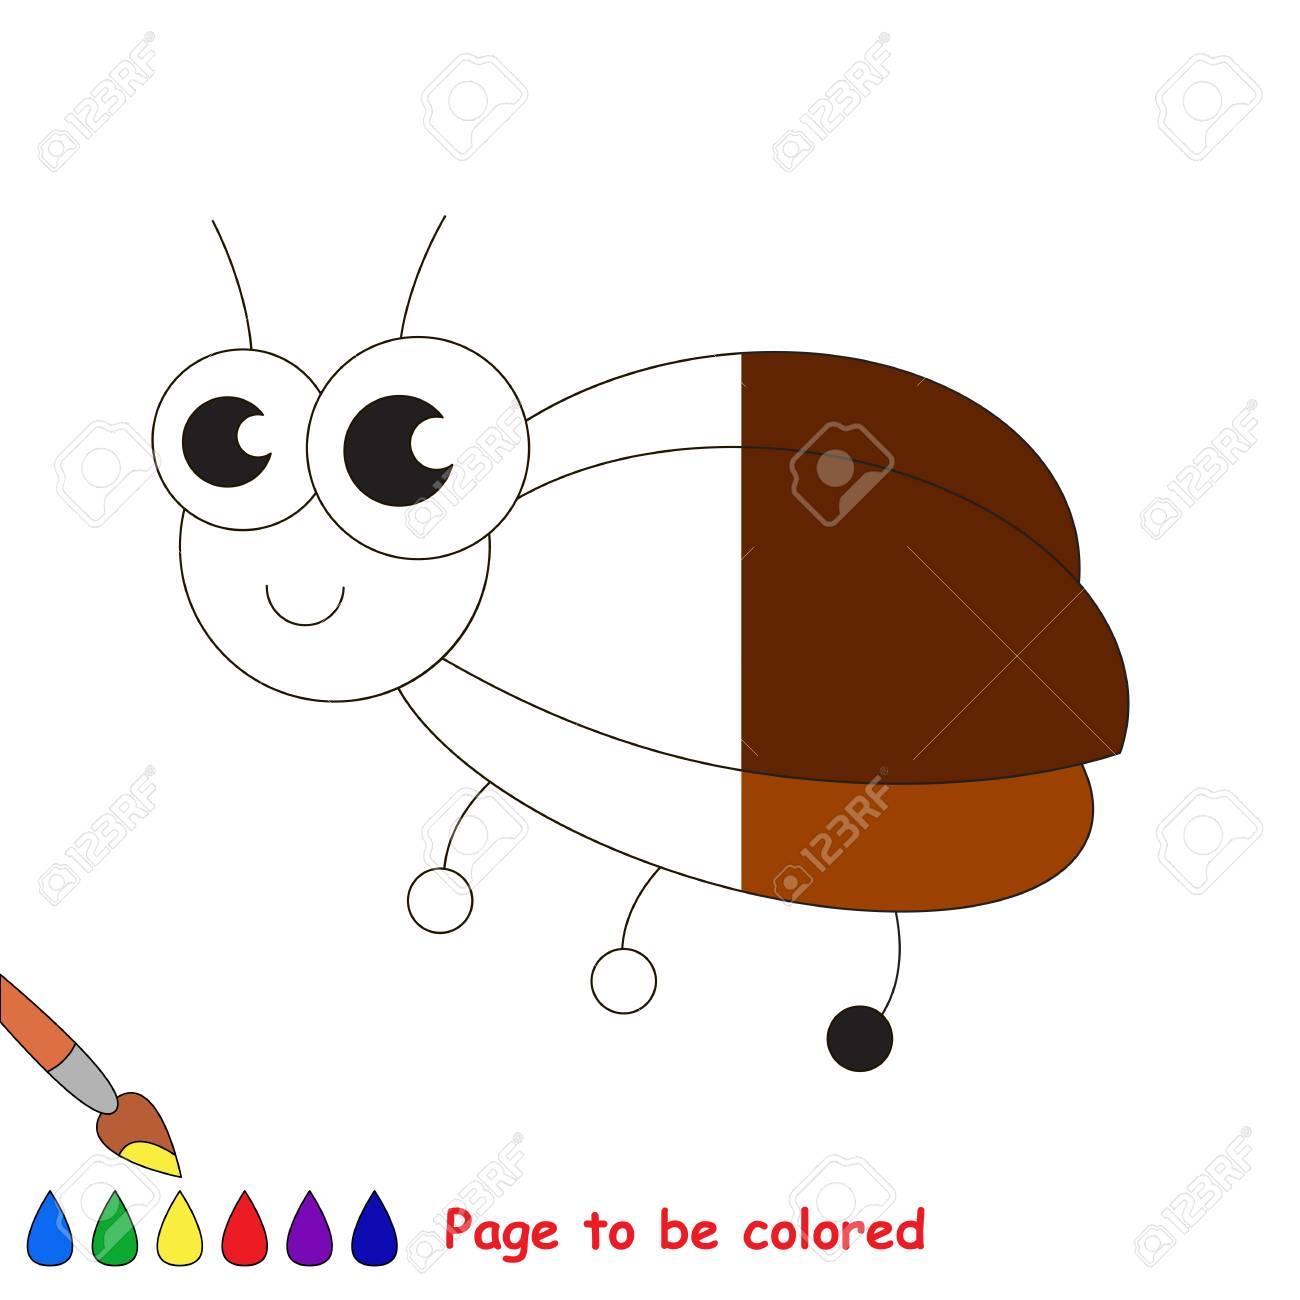 Pequeño Insecto Para Colorear El Libro Para Colorear Para Educar A Los Niños En Edad Preescolar Con Juegos Educativos Fáciles Para Niños Y